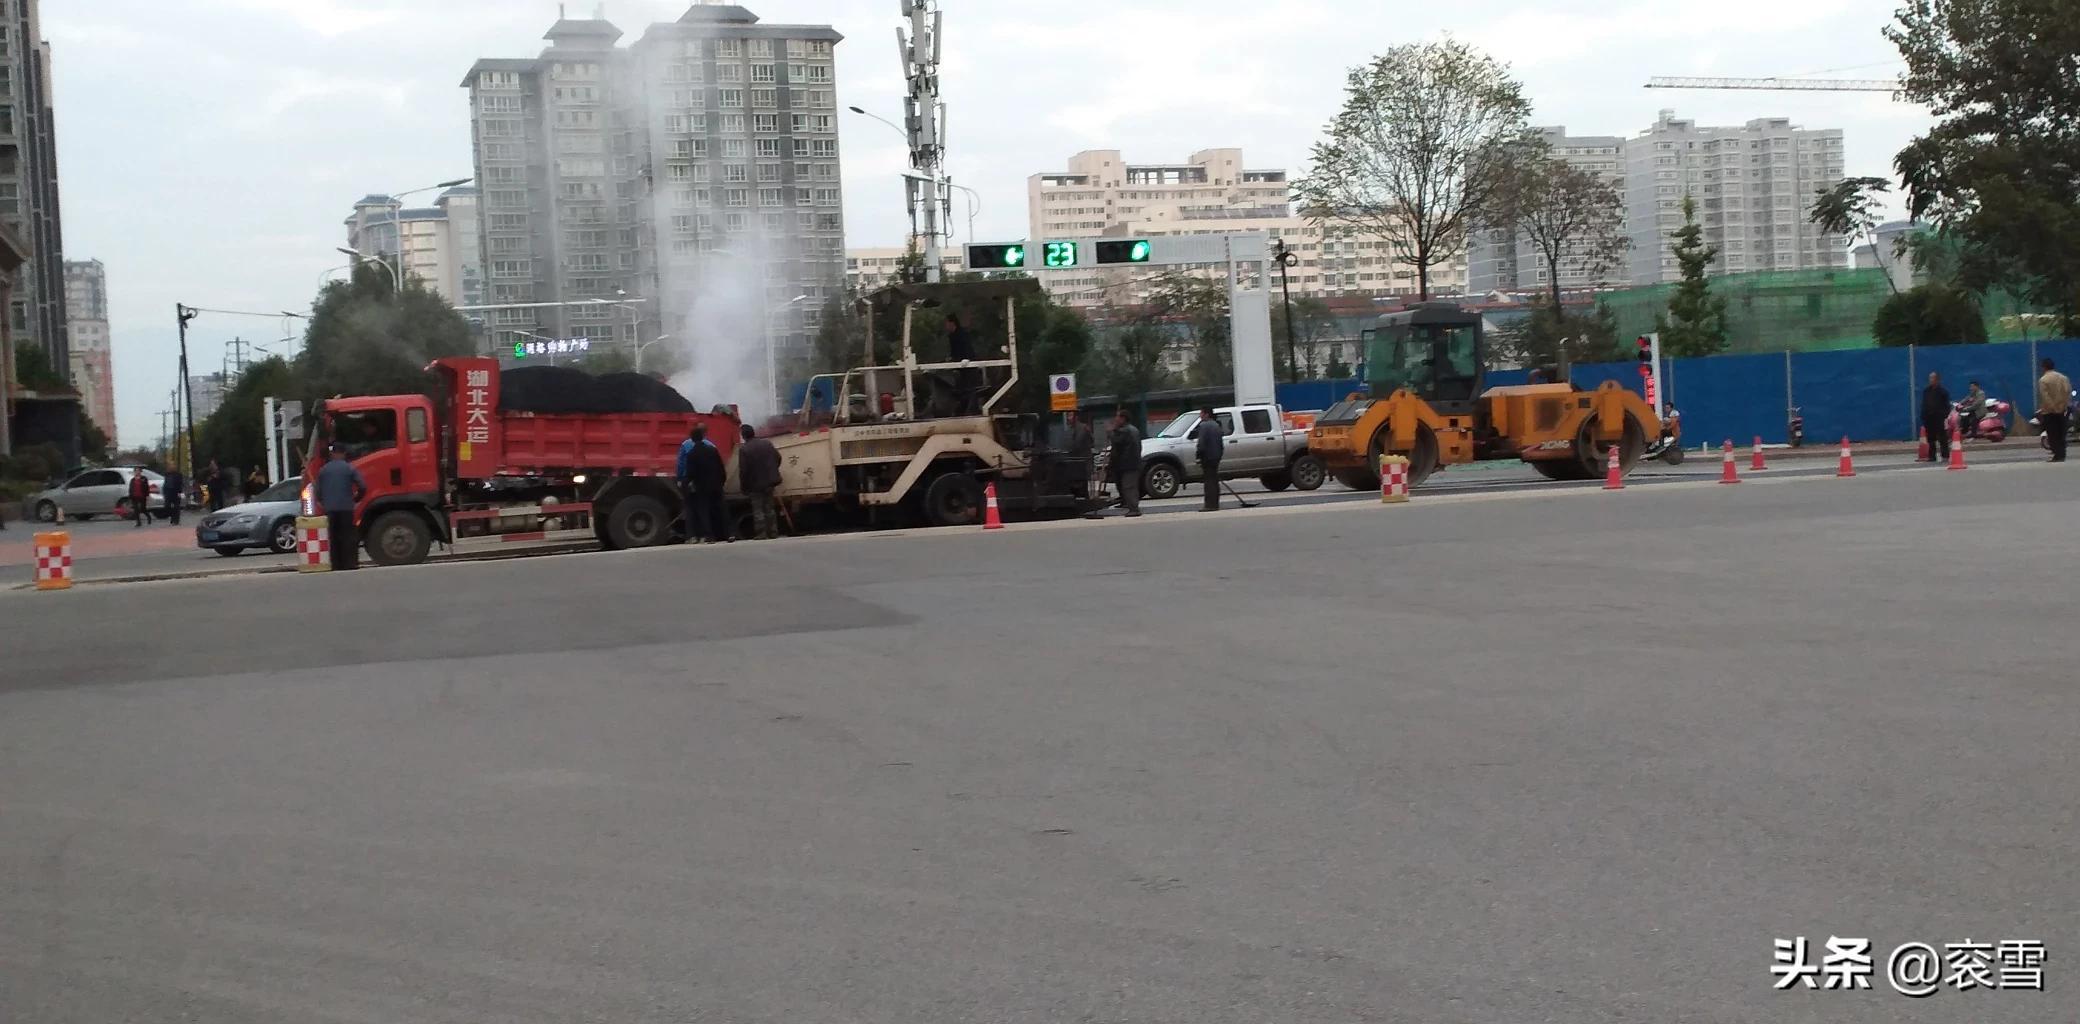 汉台区汉宁路与梁州路十字路口,正在施工中